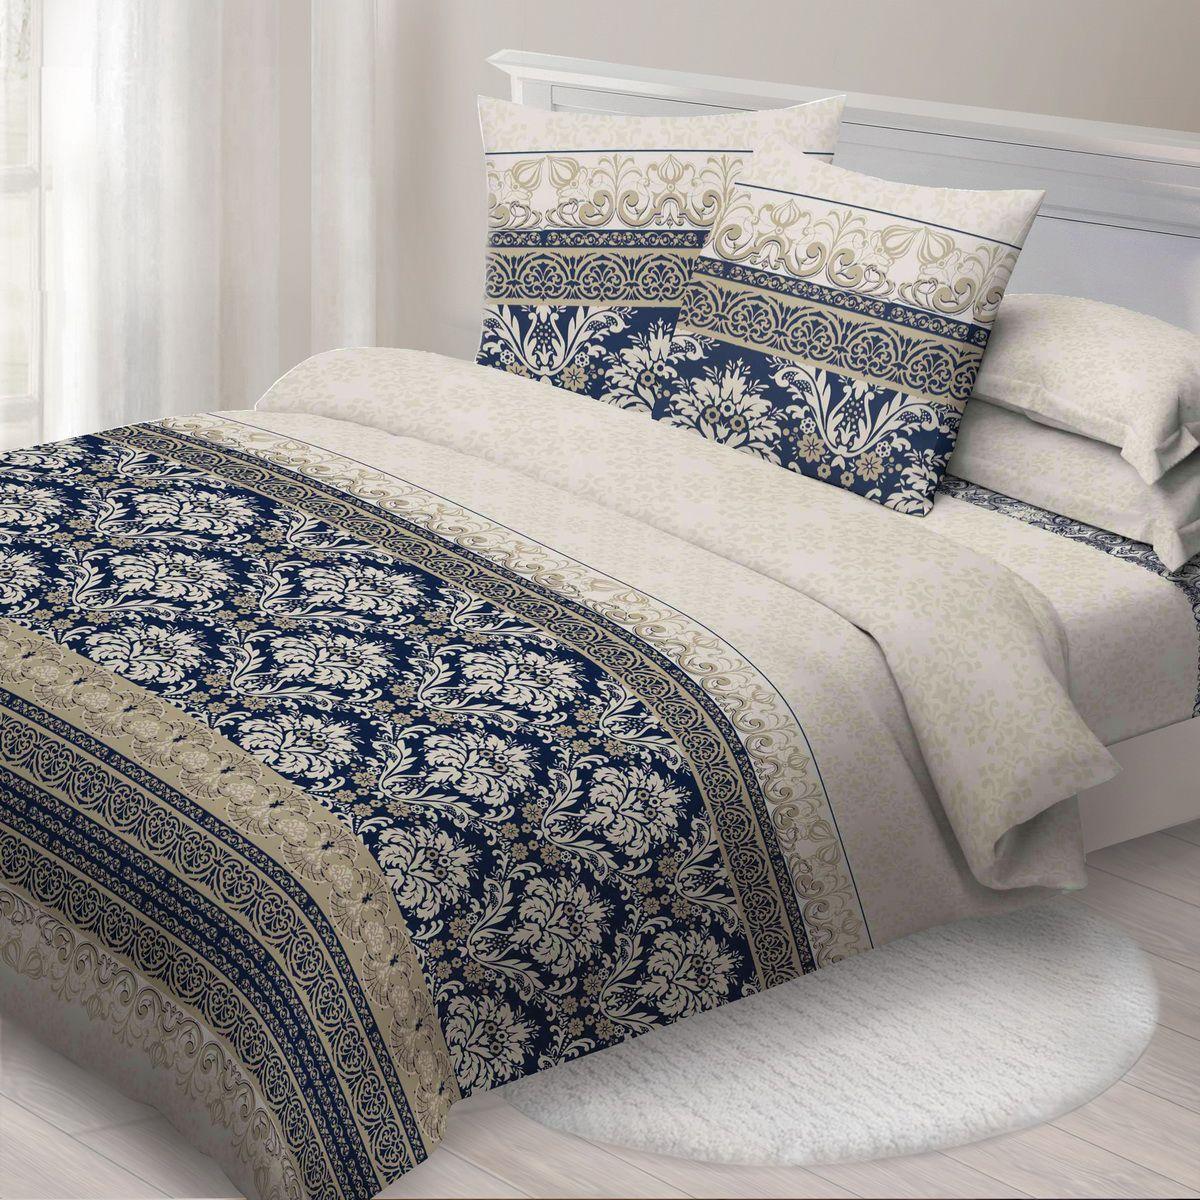 Комплект белья Спал Спалыч Гран При, 1,5-спальное, наволочки 70x70, цвет: синий87869Спал Спалыч - недорогое, но качественное постельное белье из белорусской бязи. Актуальные дизайны, авторская упаковка в сочетании с качественными материалами и приемлемой ценой - залог успеха Спал Спалыча! В ассортименте широкая линейка домашнего текстиля для всей семьи - современные дизайны современному покупателю! Ткань обработана по технологии PERFECT WAY - благодаря чему, она становится более гладкой и шелковистой. • Бязь Барановичи 100% хлопок • Плотность ткани - 125 гр/кв.м.